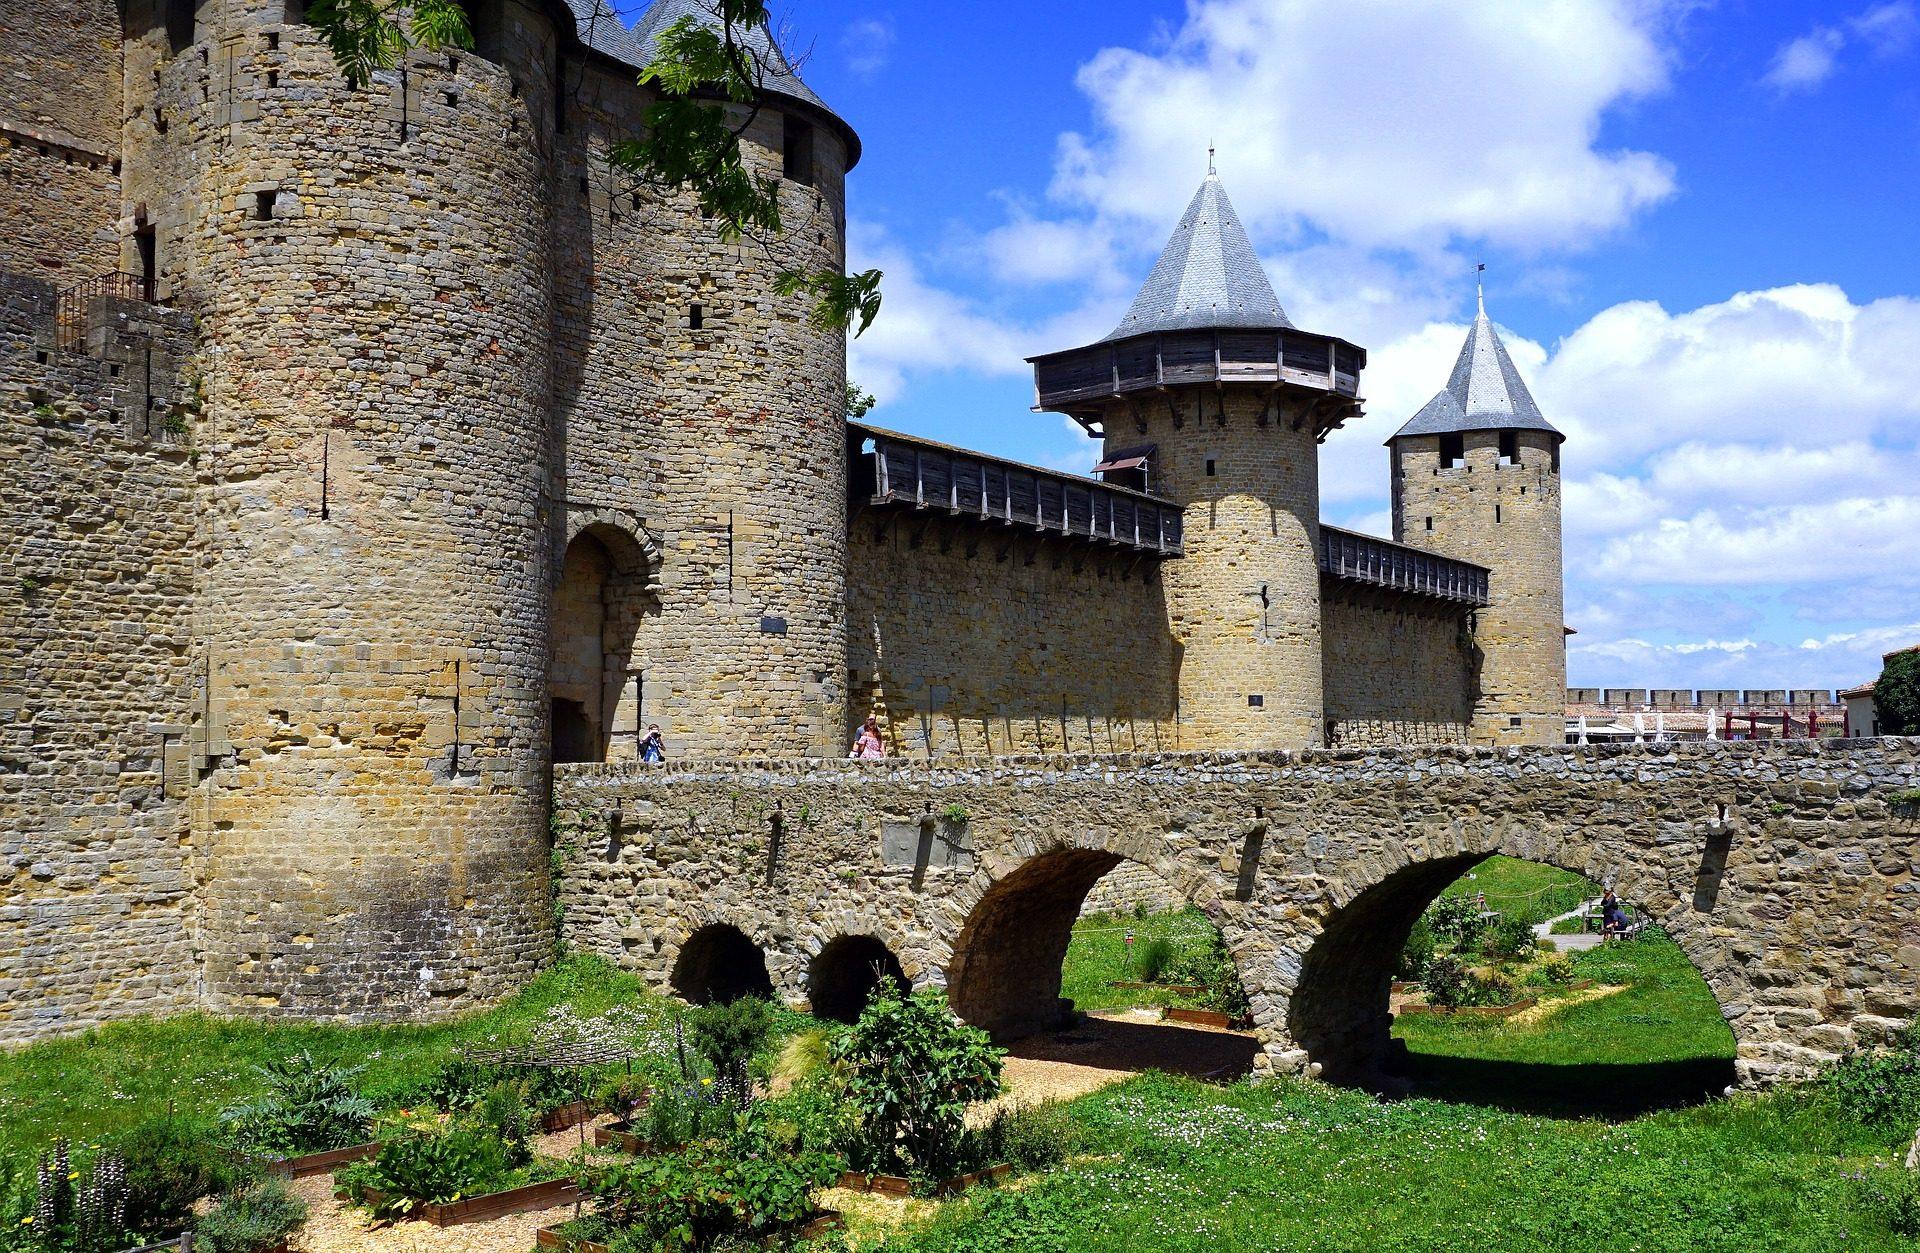 Castelo, Fortaleza, ponte, Torres, medieval, França - Papéis de parede HD - Professor-falken.com